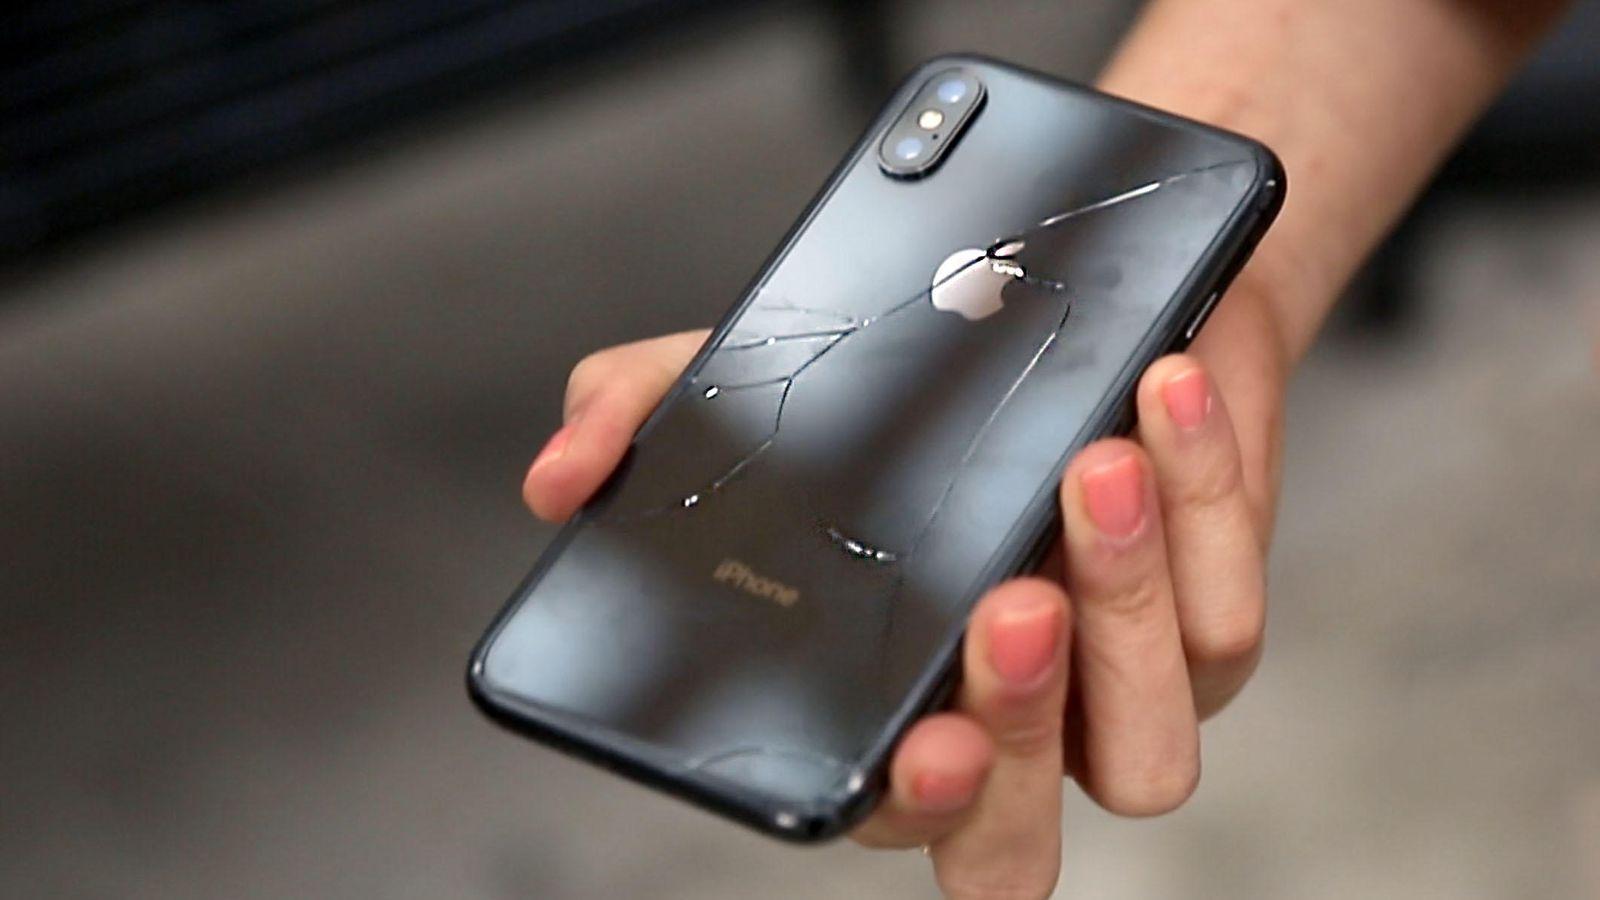 外媒测试iPhone X耐用性:还是戴个套吧的照片 - 1